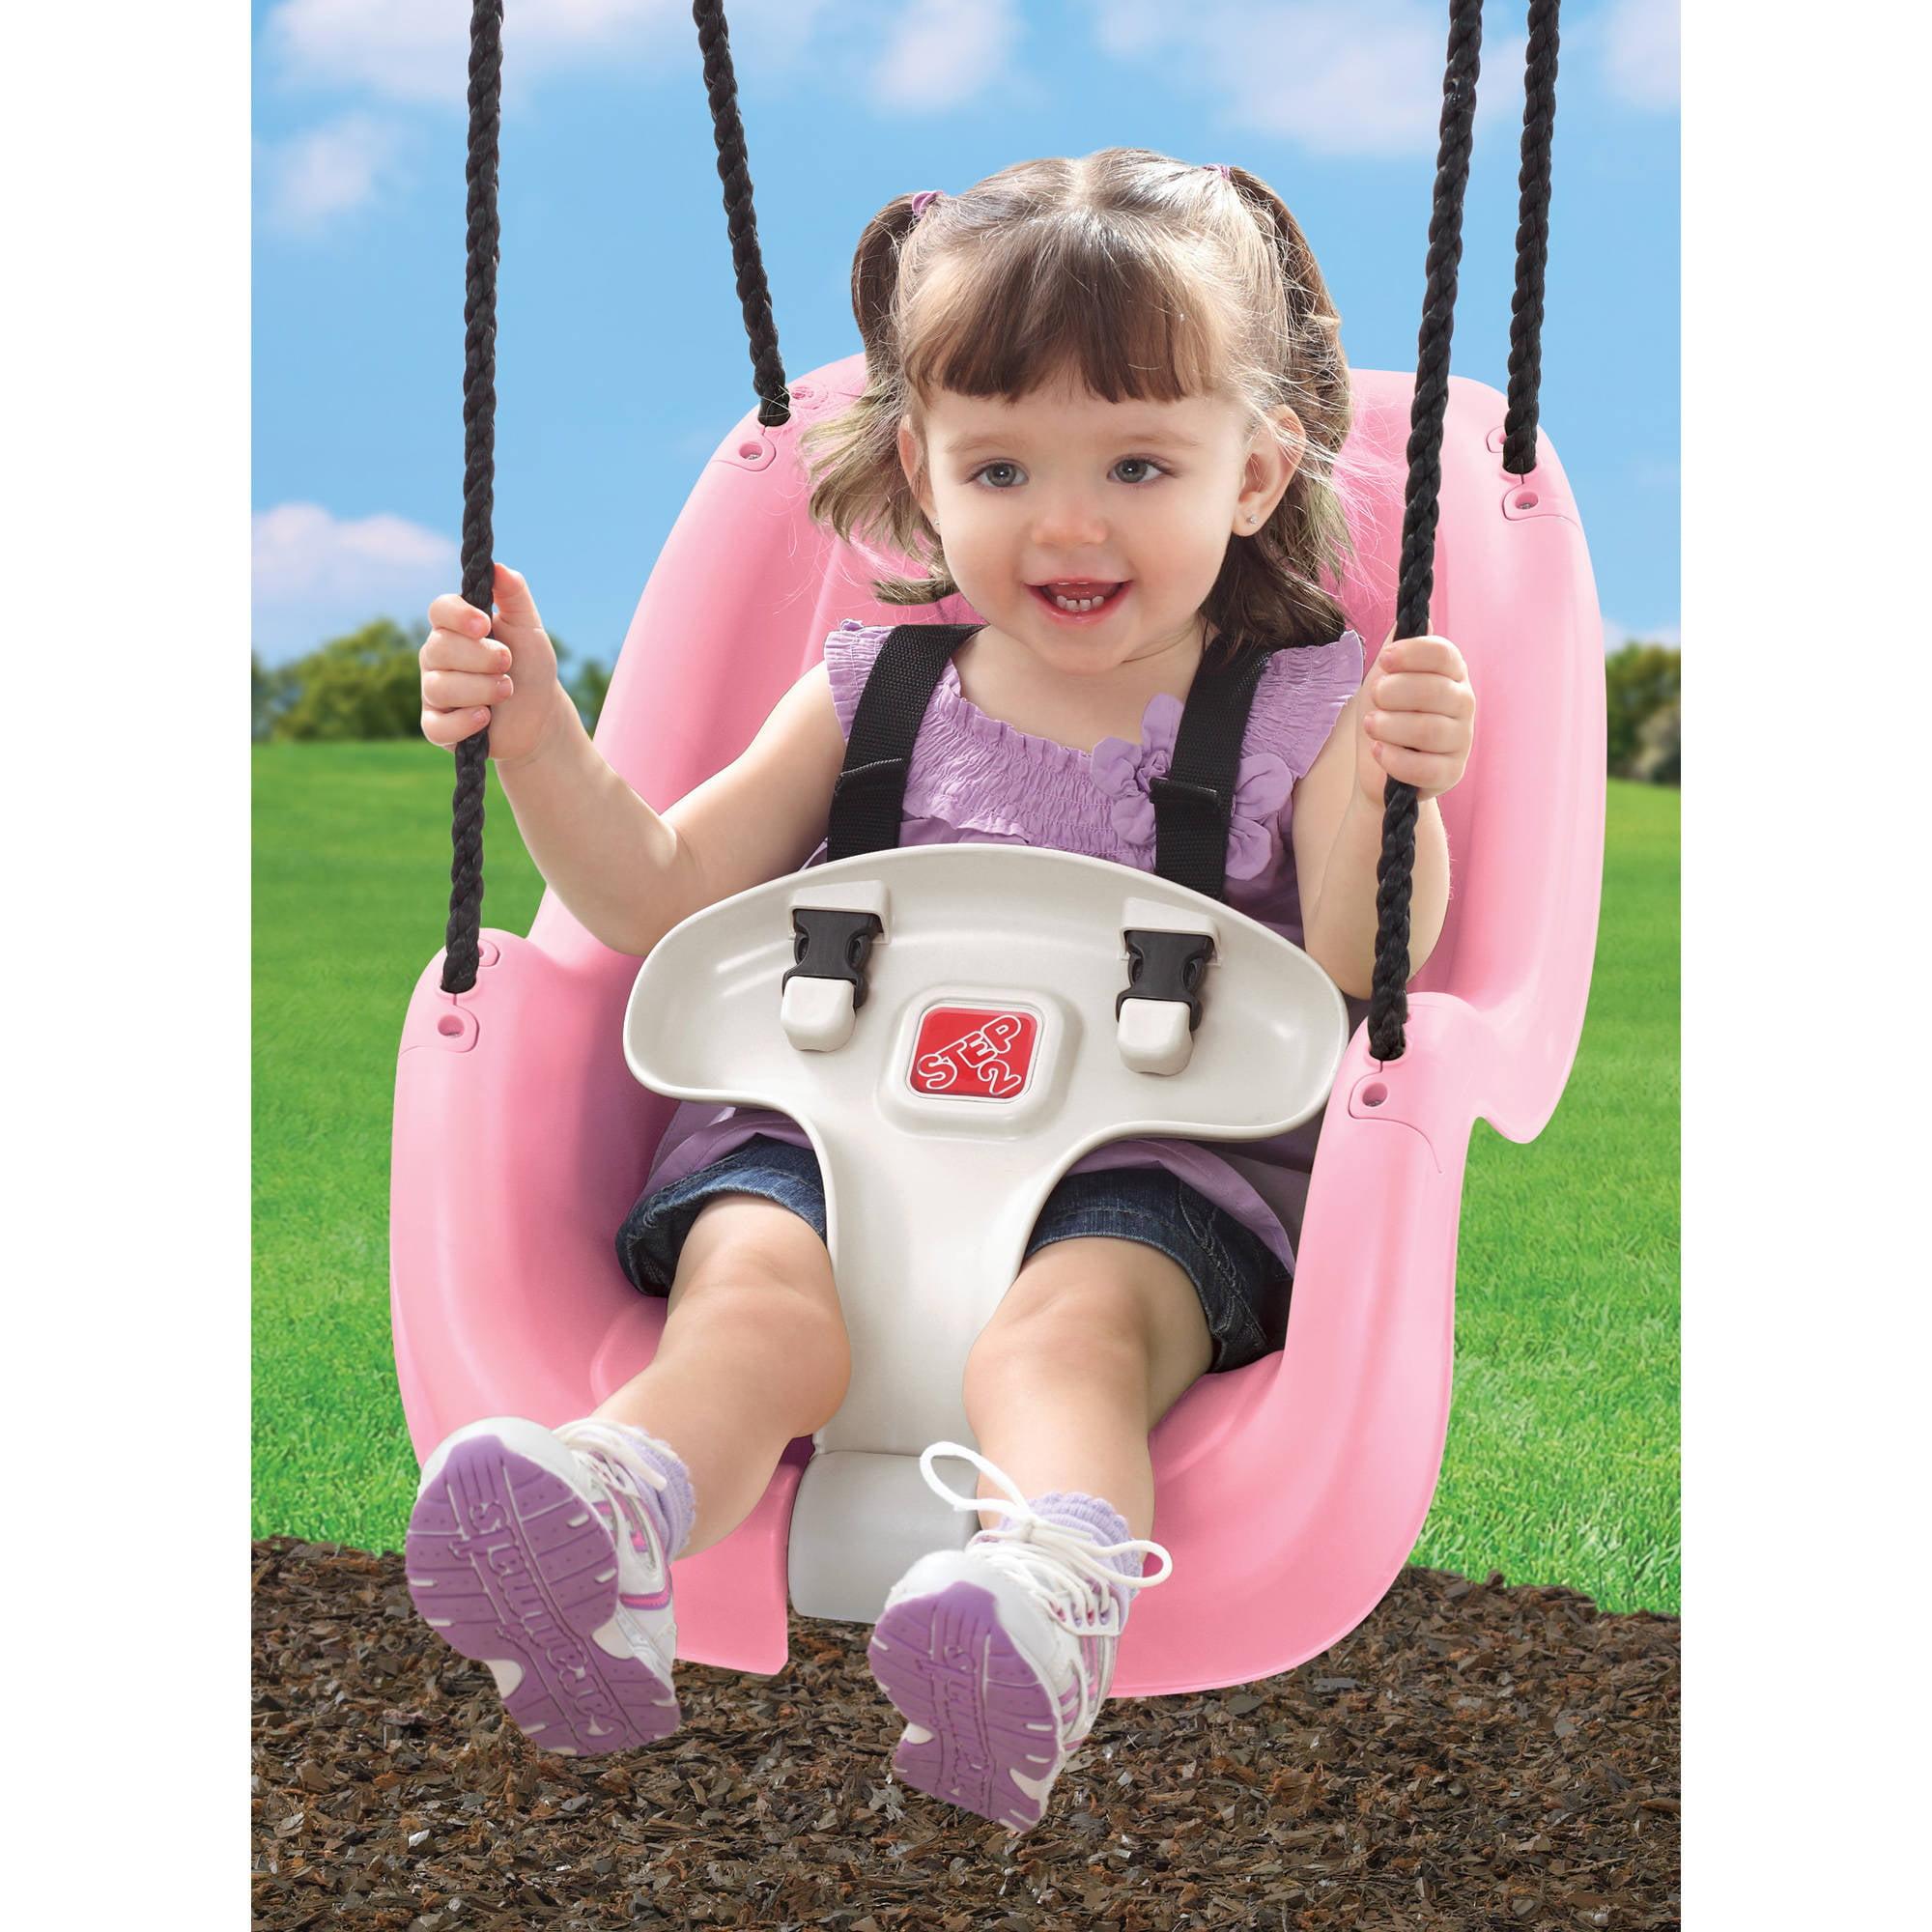 Step2 Toddler Swing, Pink